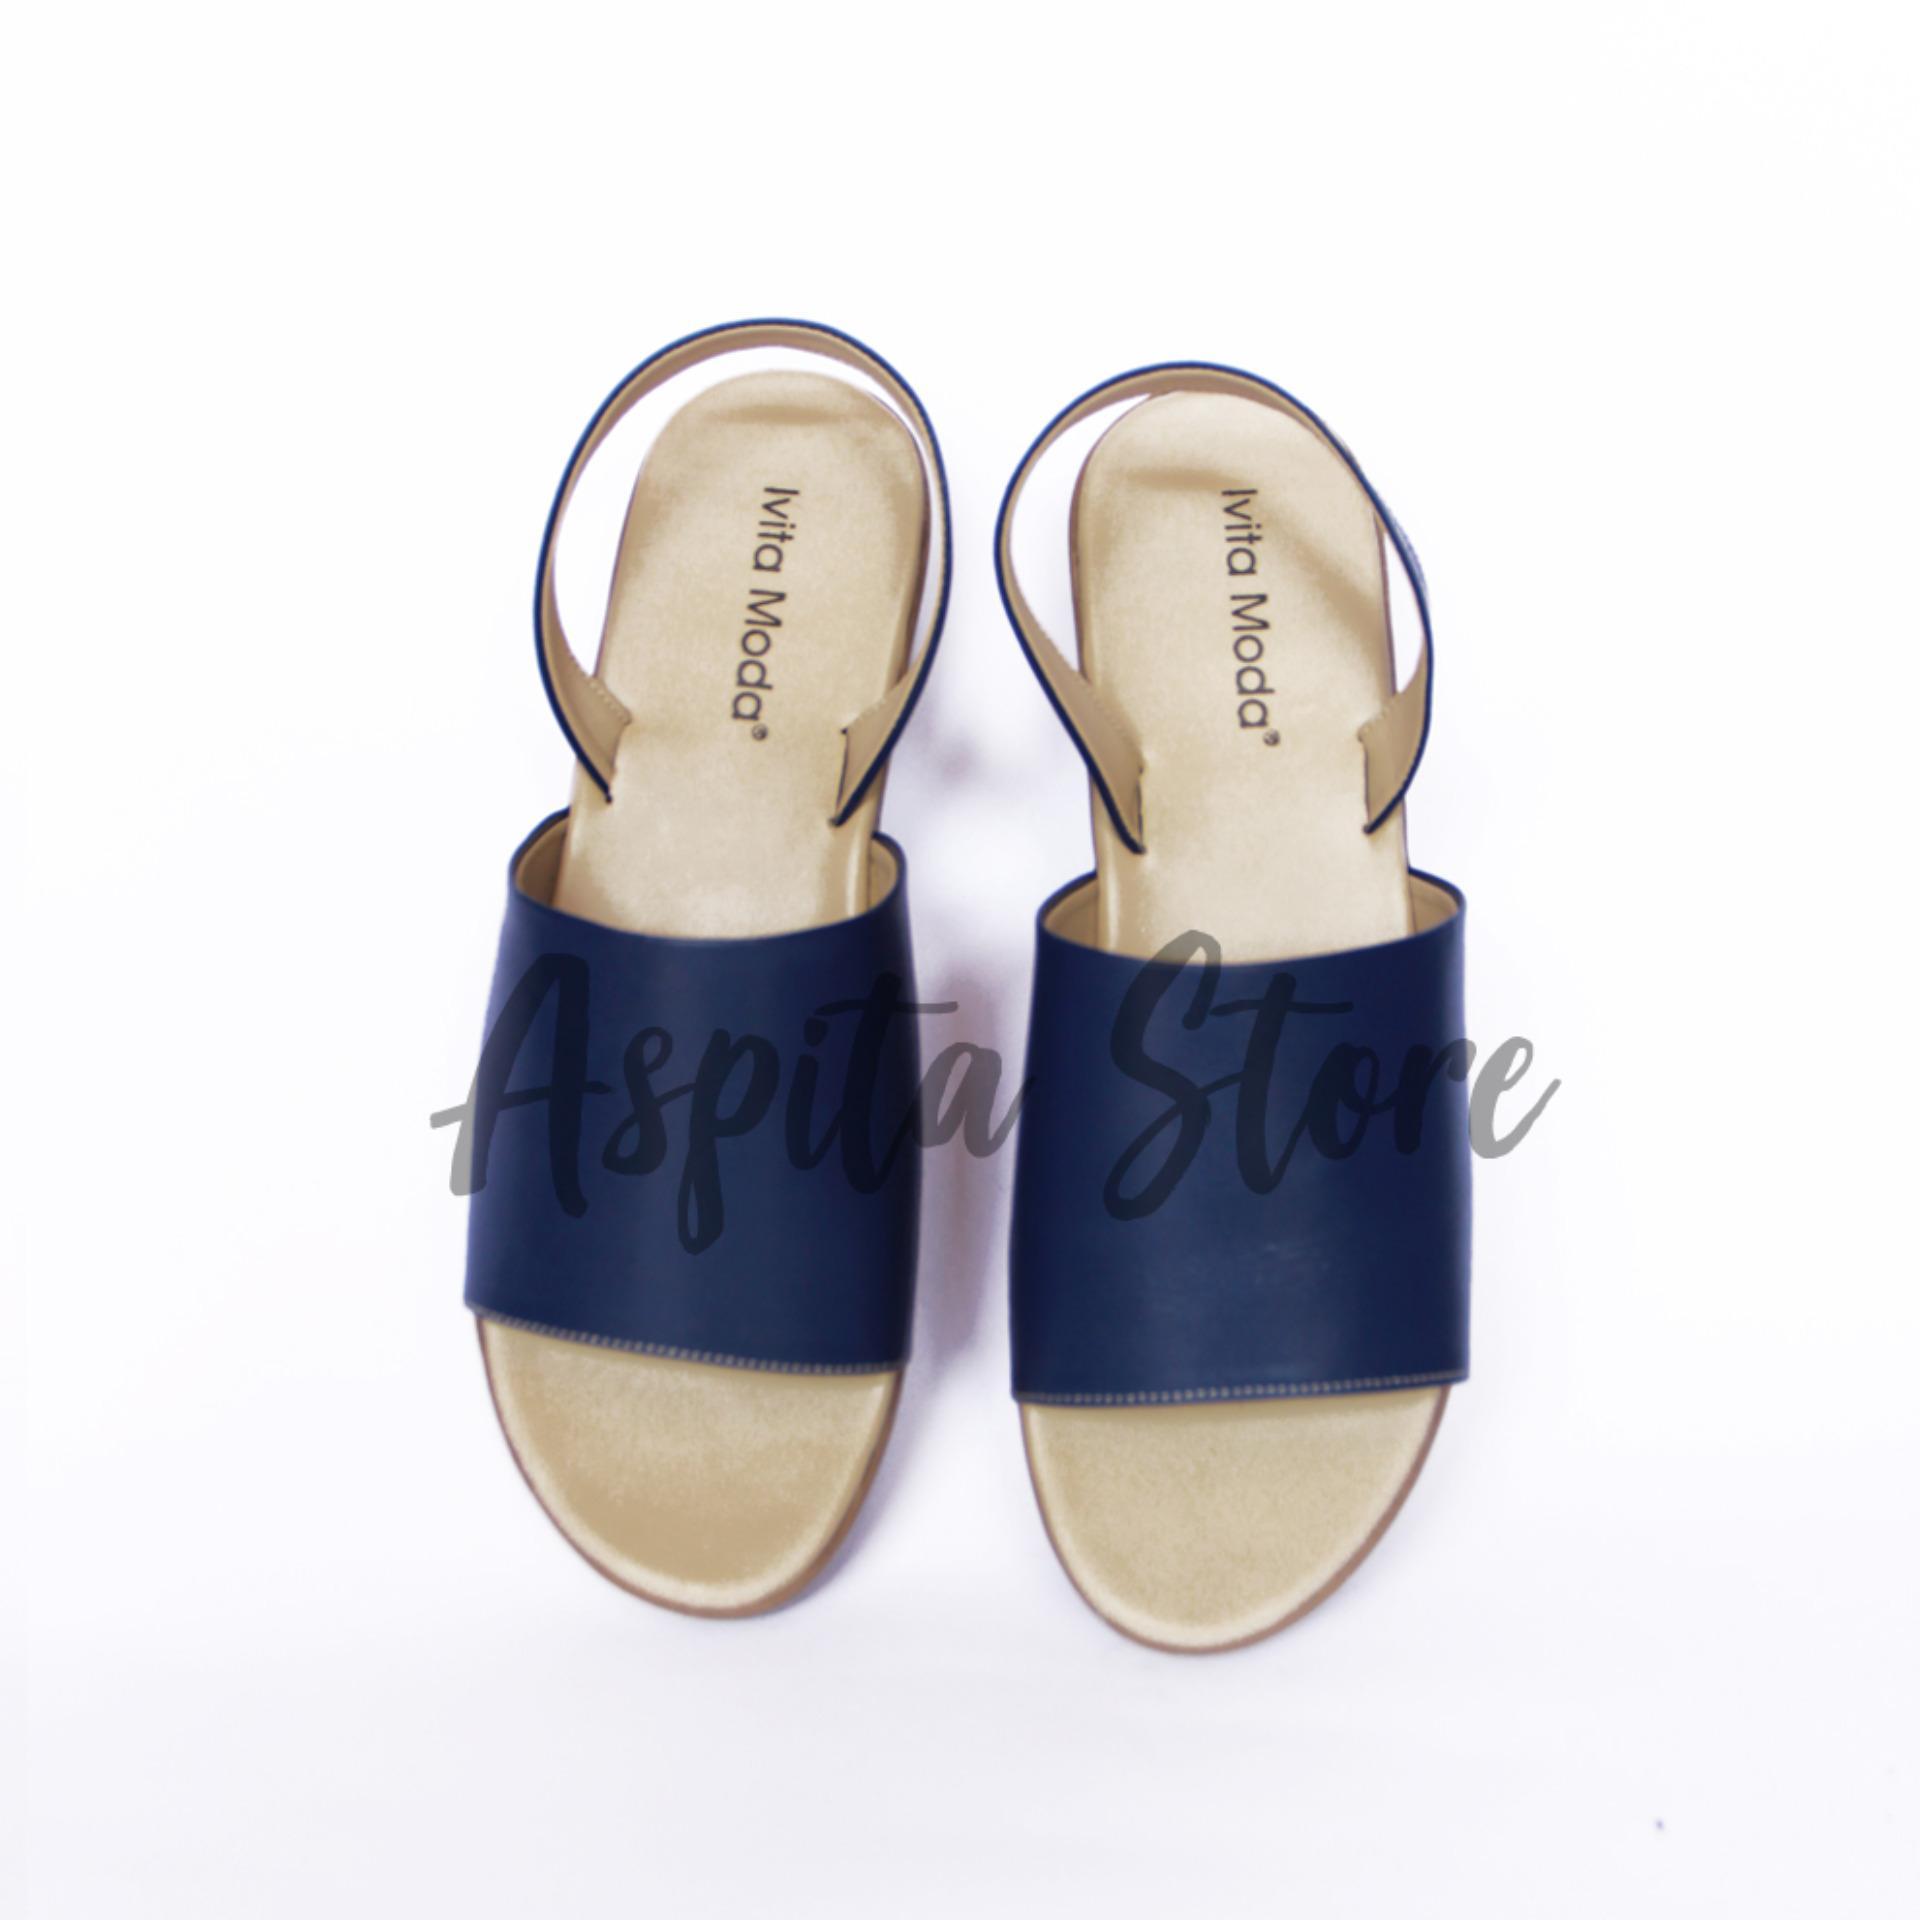 Sandal Kulit Sandal Tali Biru Wanita Trendy Asli Garut Premium Murah - Aspita Store